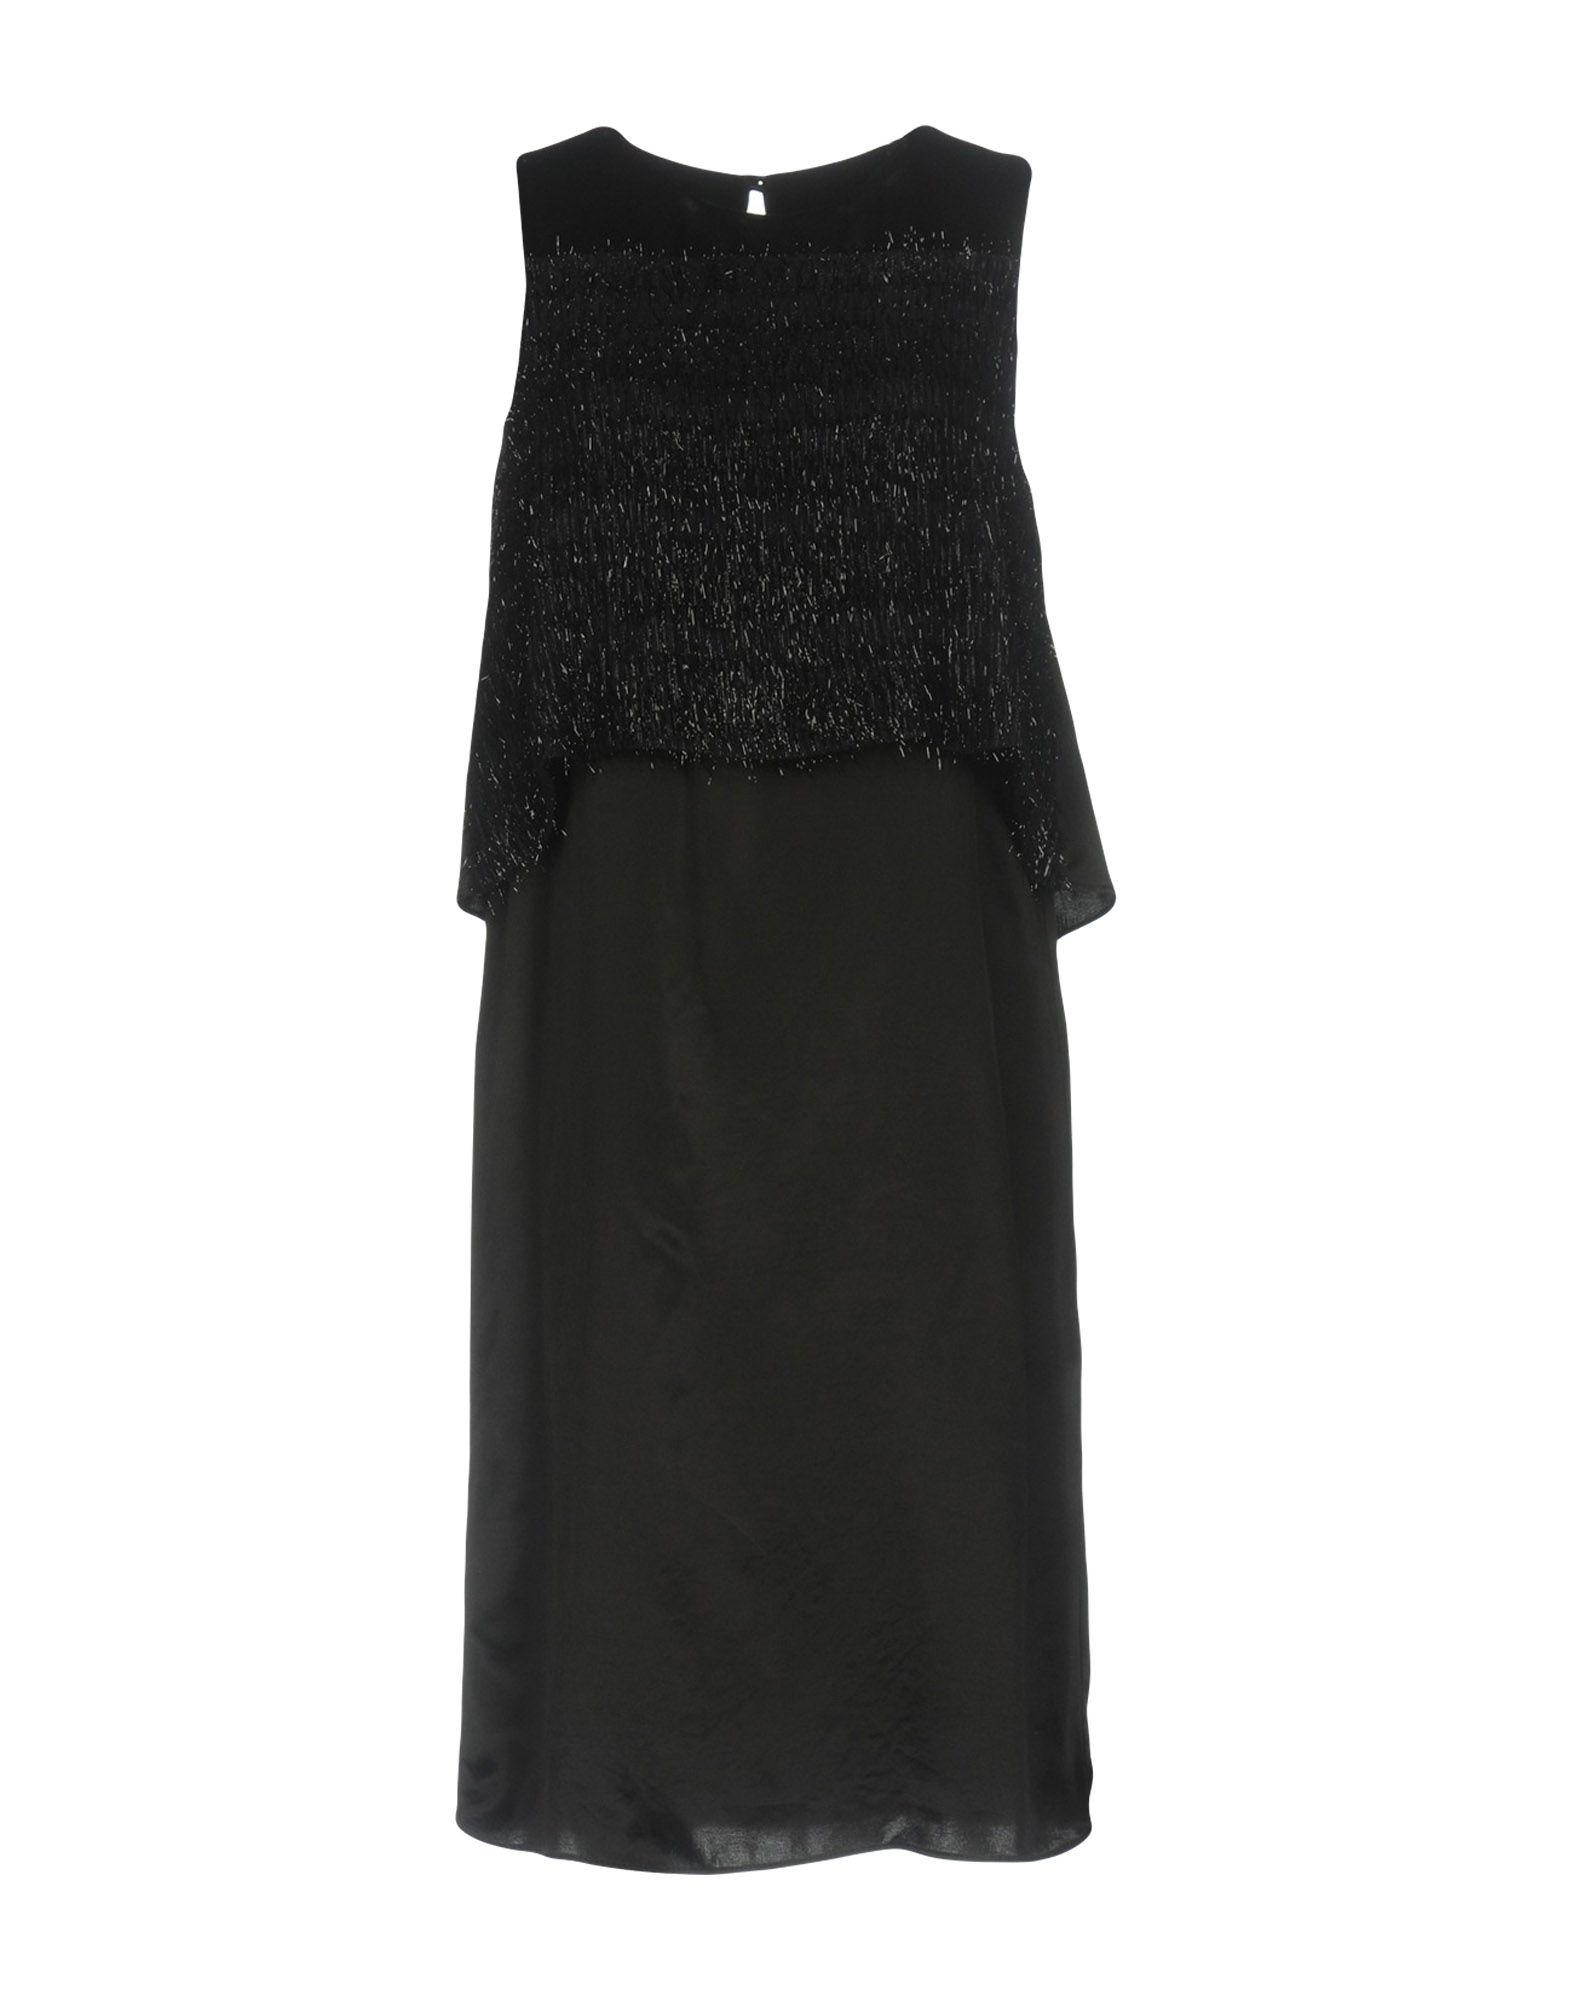 KATIA G. Damen Knielanges Kleid Farbe Schwarz Größe 6 jetztbilligerkaufen